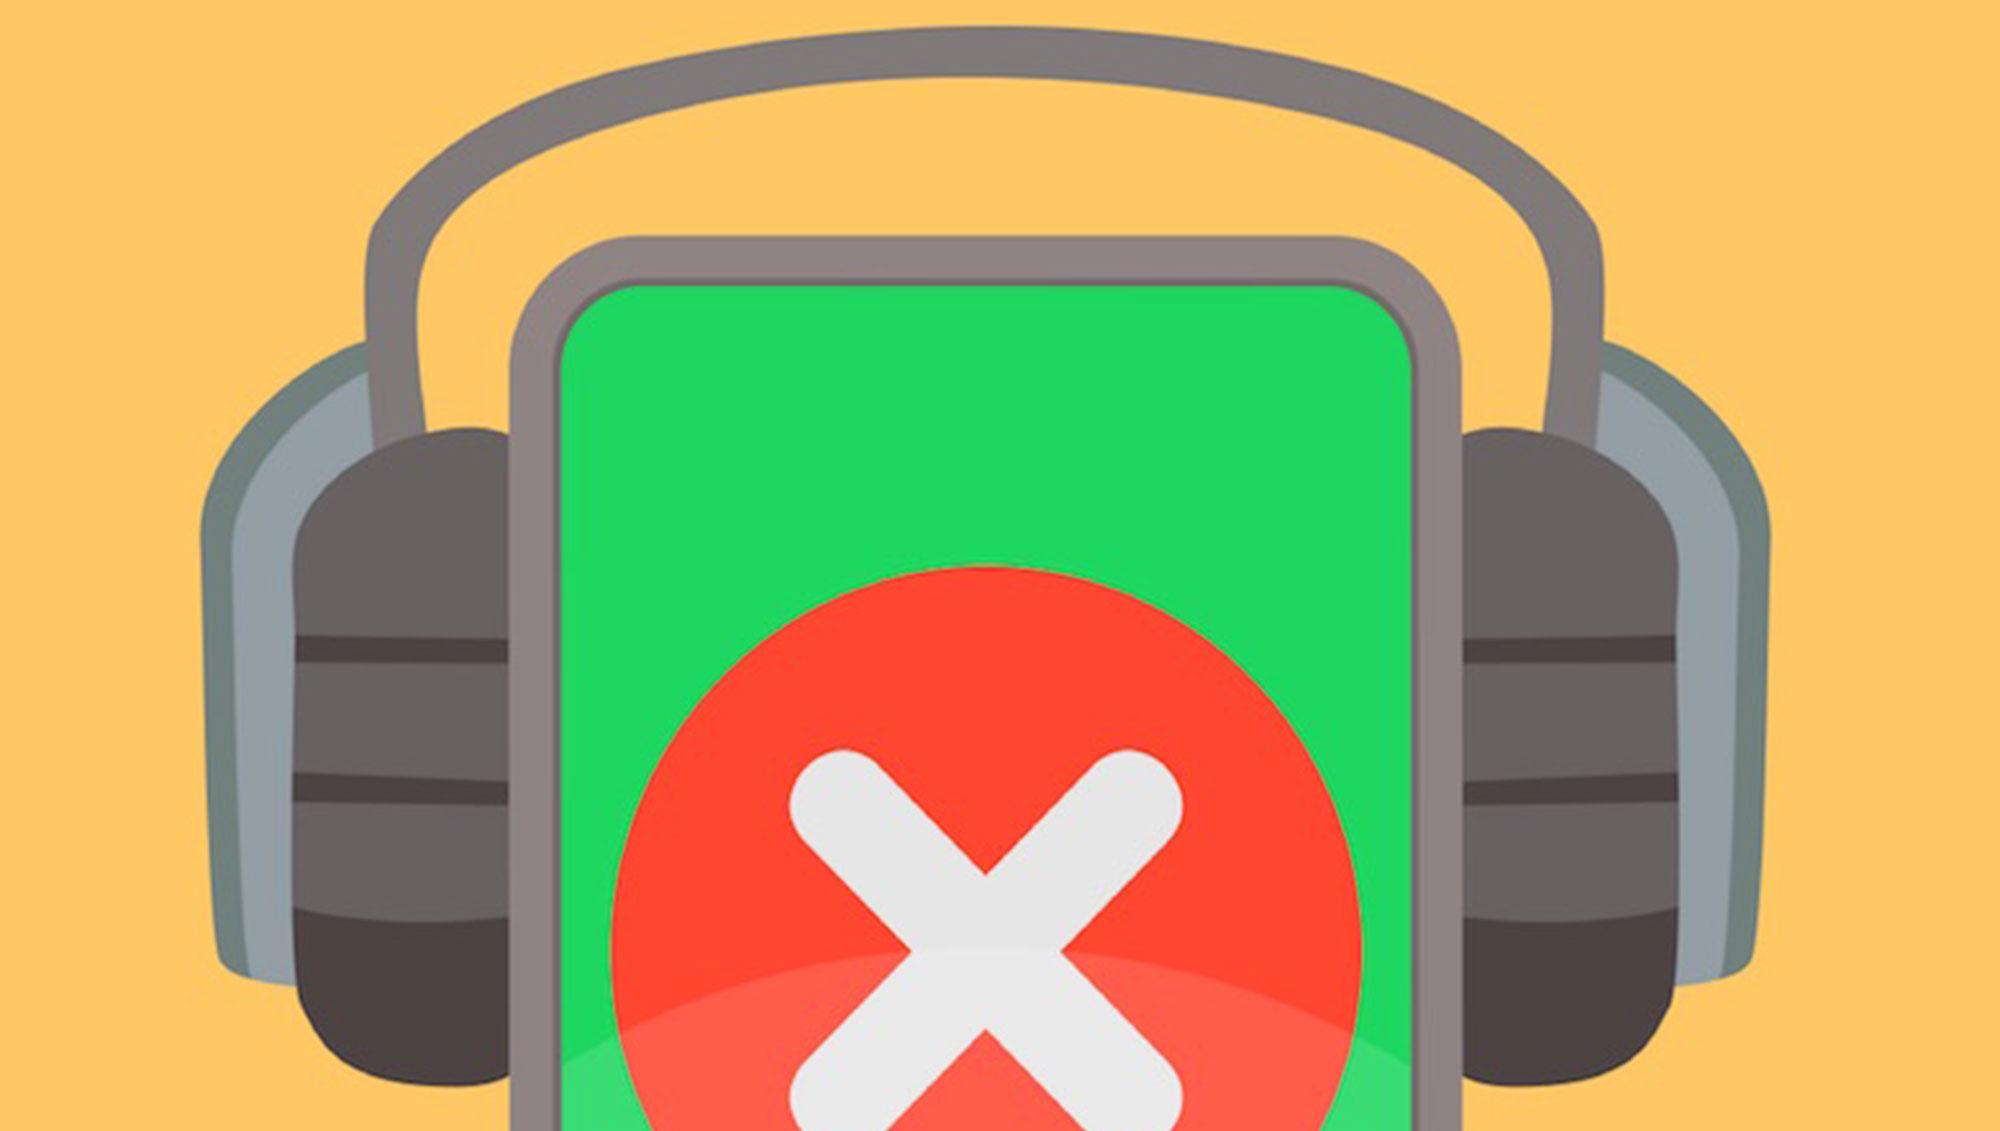 苹果回应 Spotity,称其贪婪却未对市场做出任何贡献